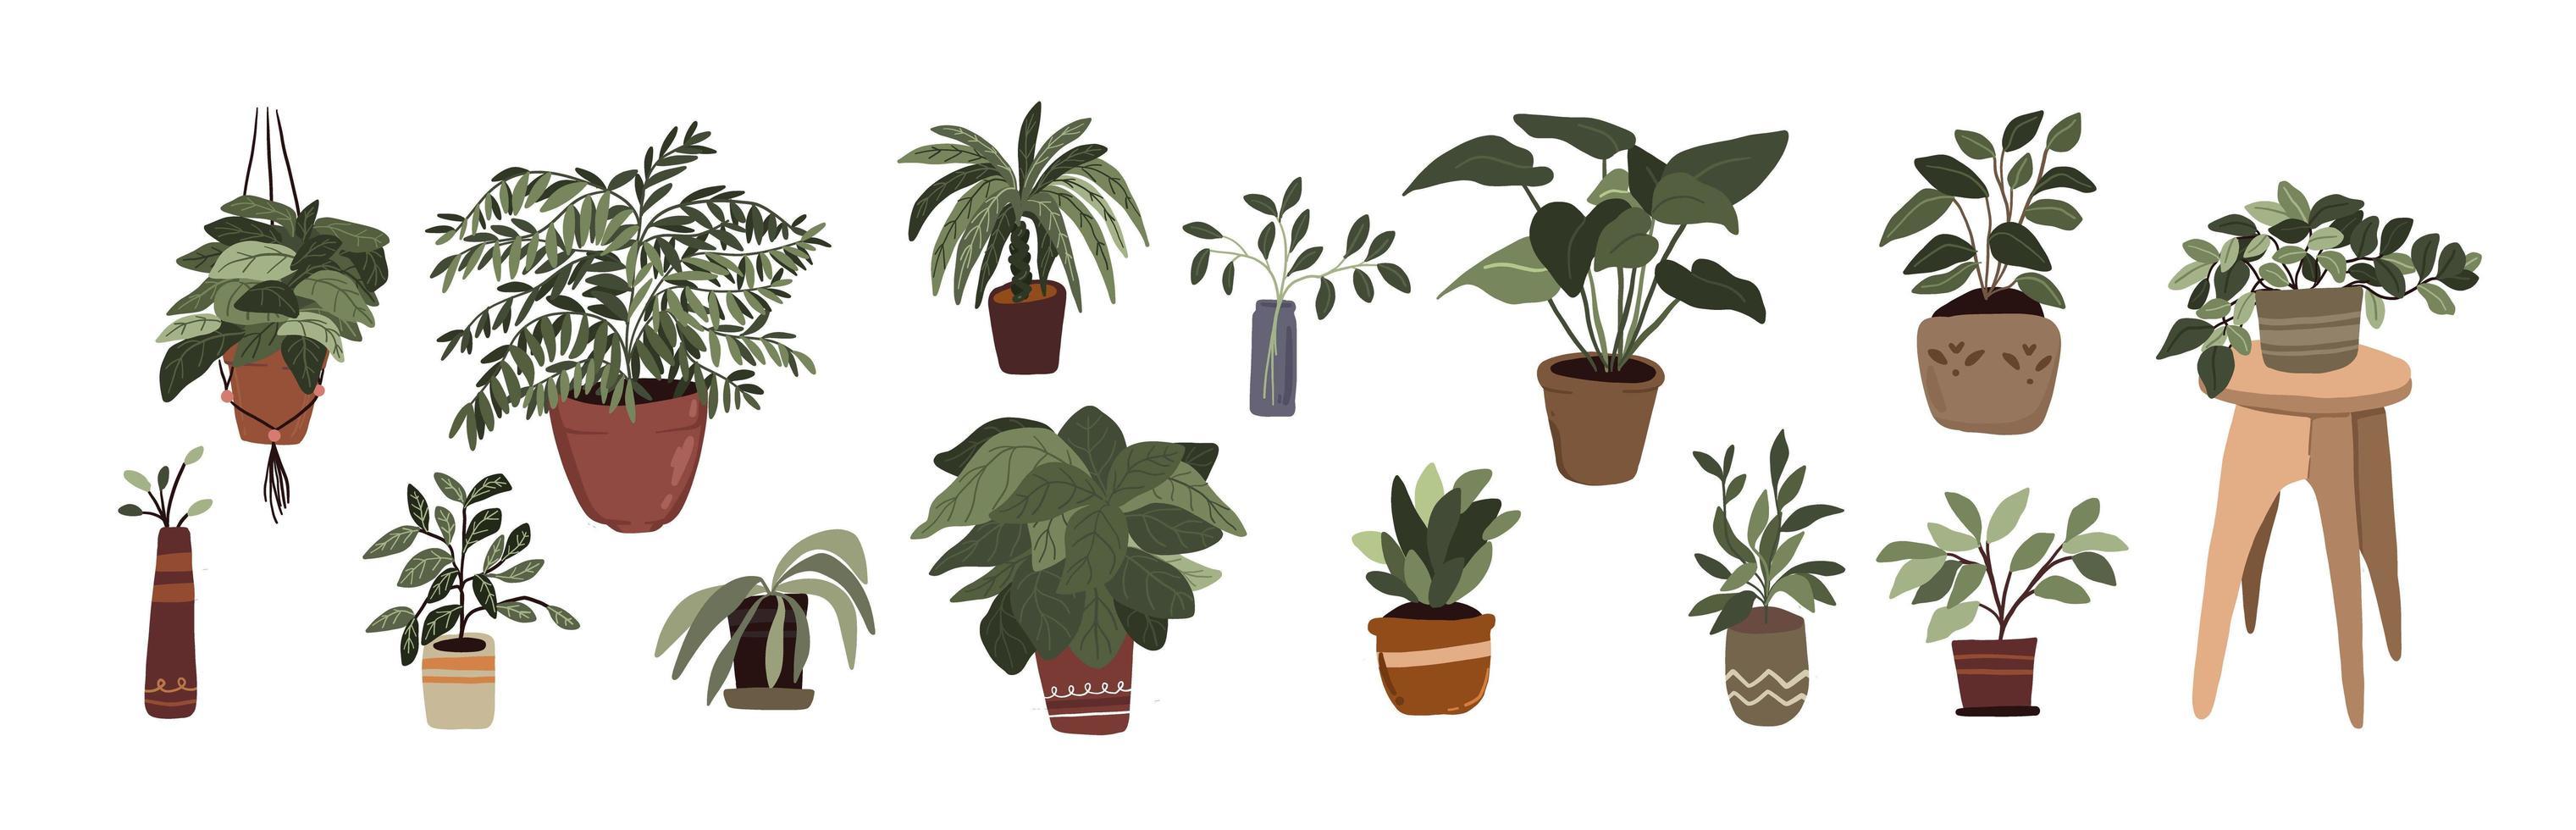 interiör krukväxter dekorelement ställa in klistermärke grön tumme för bullet journal vektor